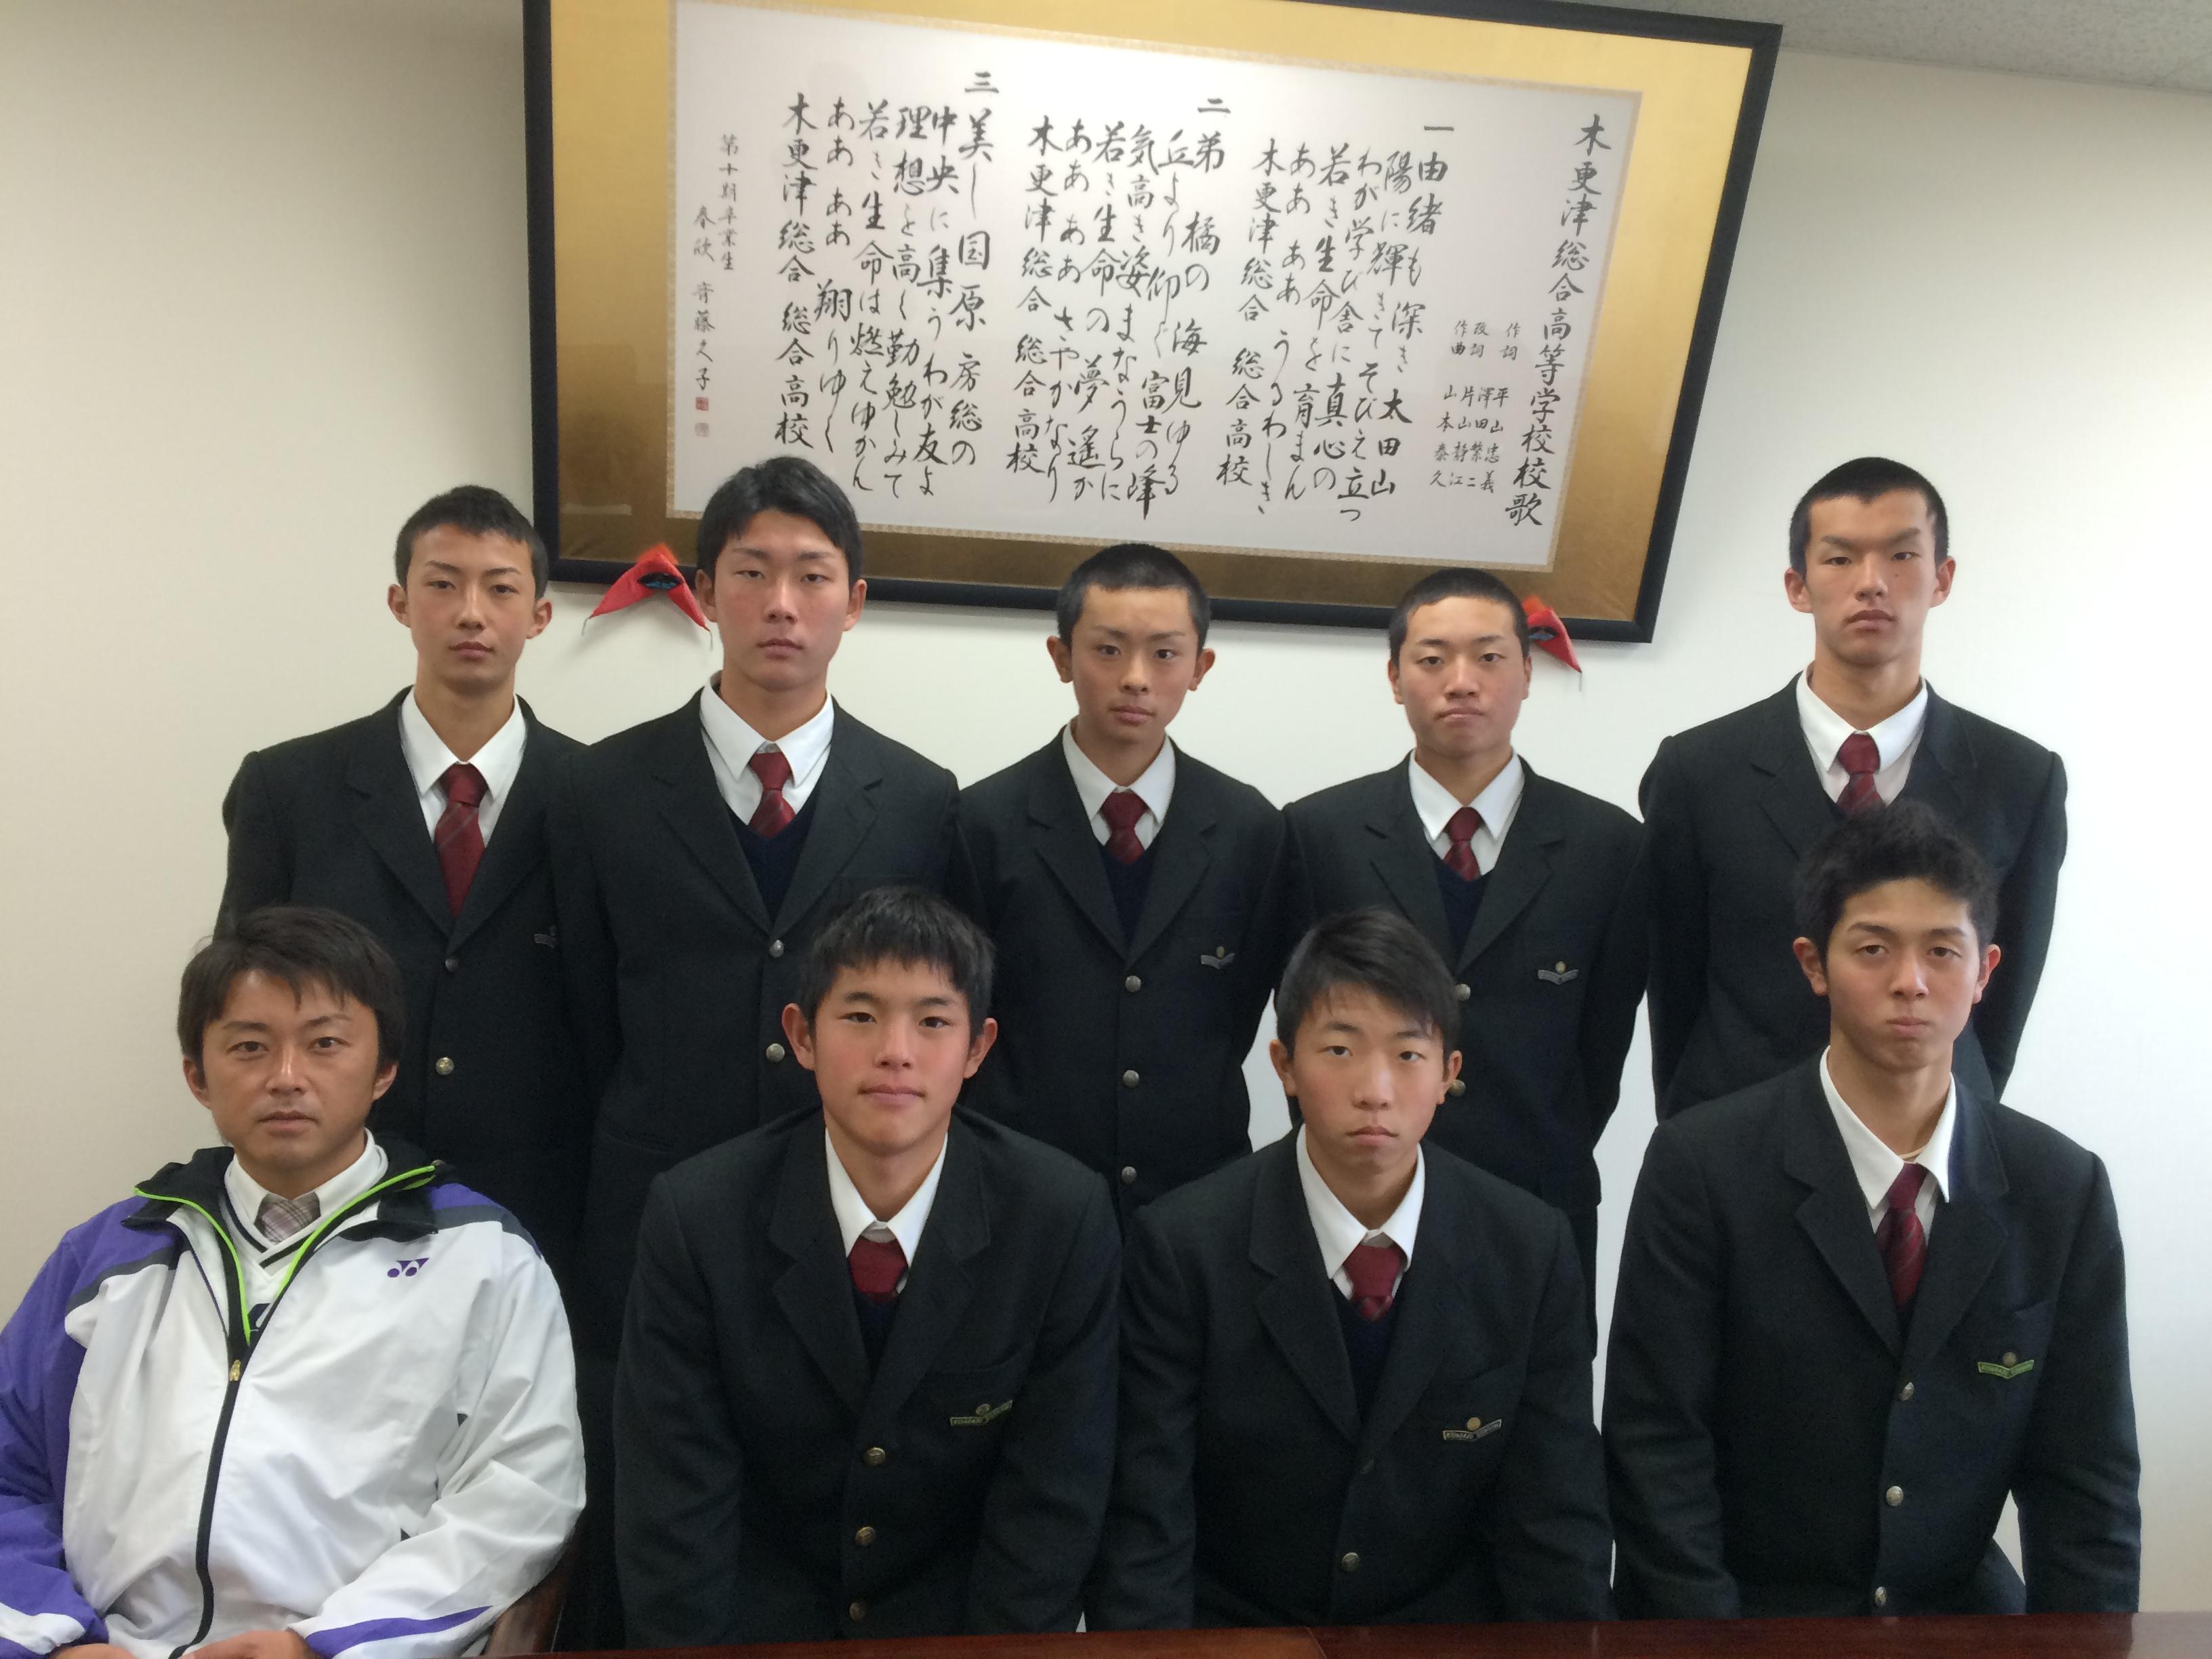 012木更津総合 | ソフトテニスマガジン・ポータル